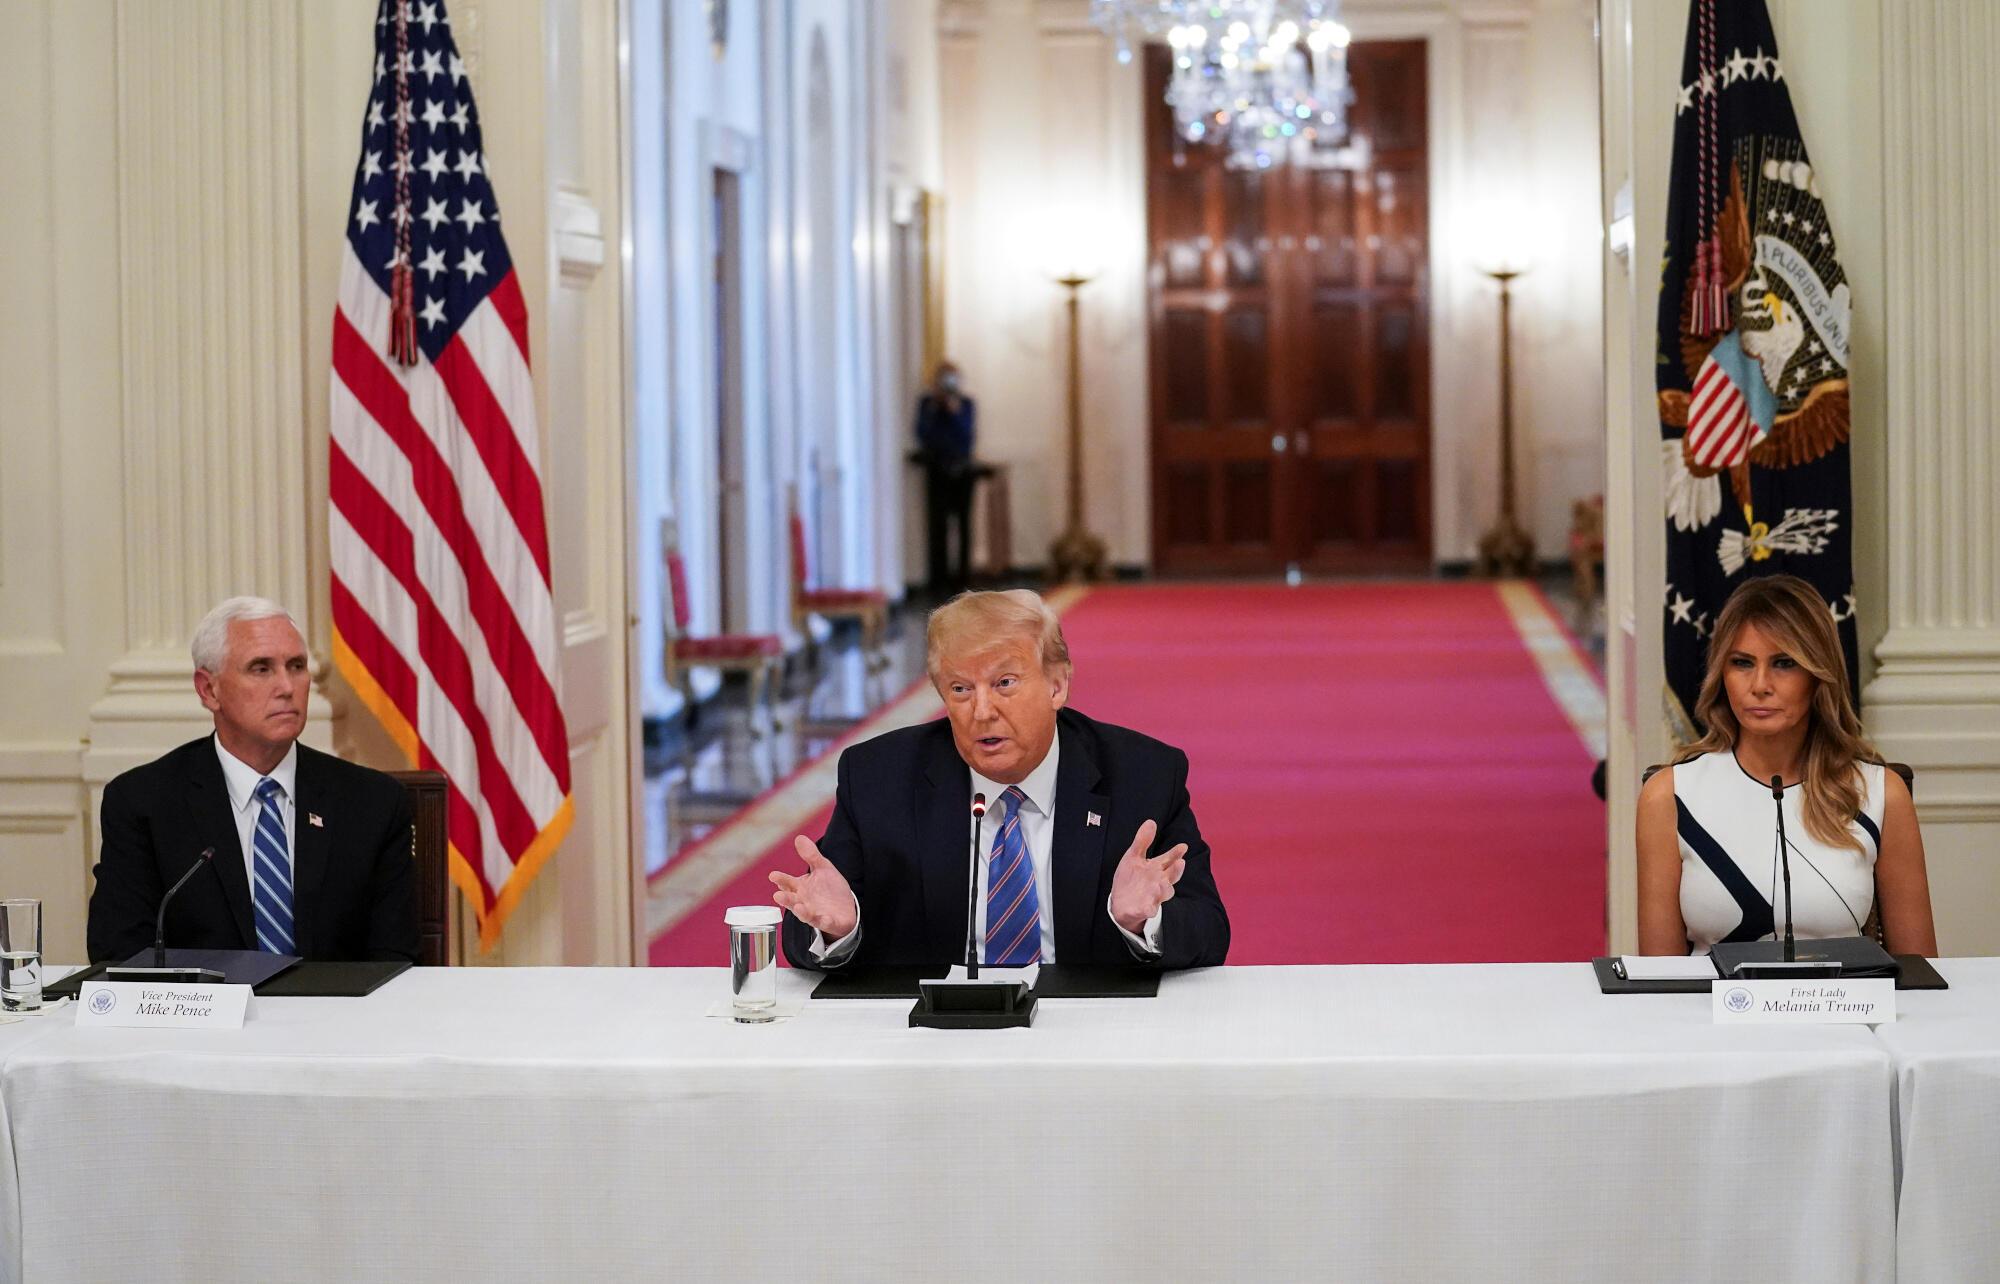 Le président américain Donald Trump, lors d'un évènement consacré à la réouverture des écoles, à la Maison Blanche à Washington DC, le 7 juillet 2020.